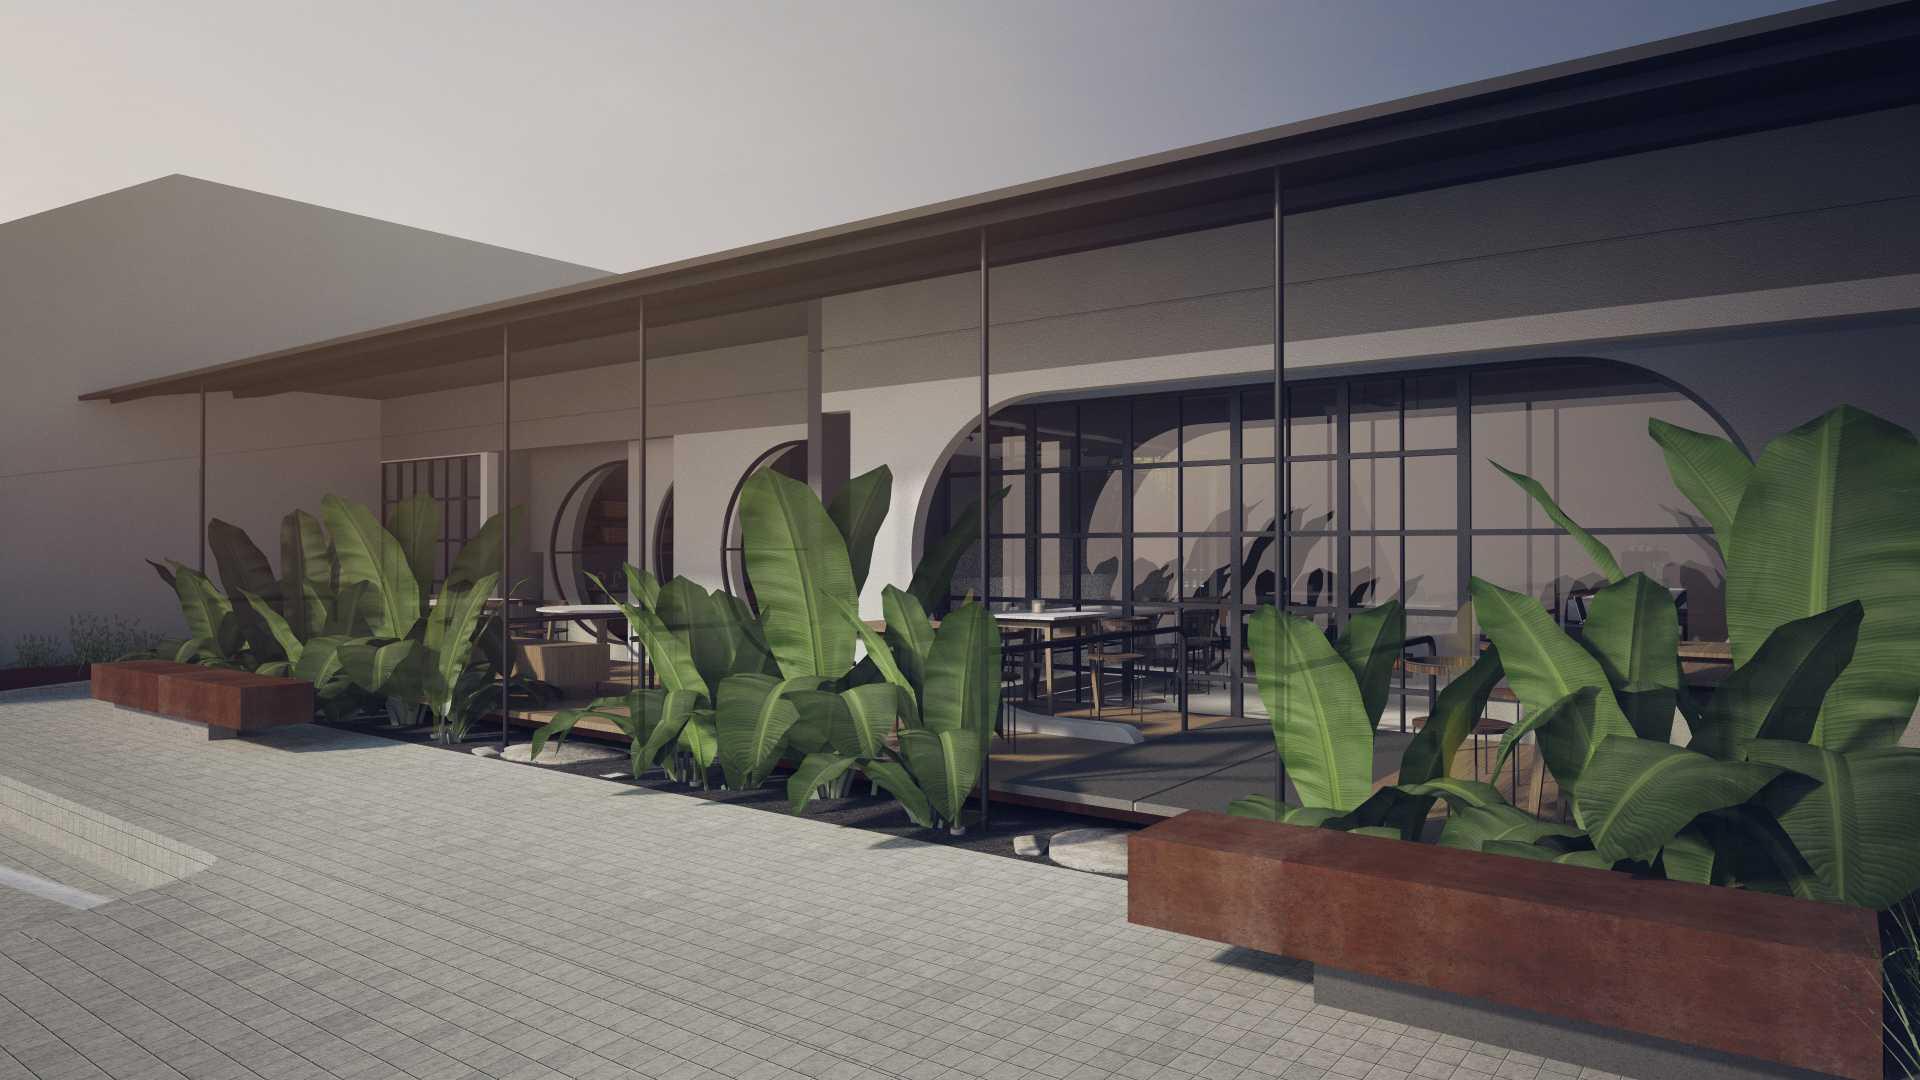 Ssom Studio Thcp - Sandwich Bar Jakarta Selatan, Kota Jakarta Selatan, Daerah Khusus Ibukota Jakarta, Indonesia Jakarta Selatan, Kota Jakarta Selatan, Daerah Khusus Ibukota Jakarta, Indonesia Exterior Tropis  40463